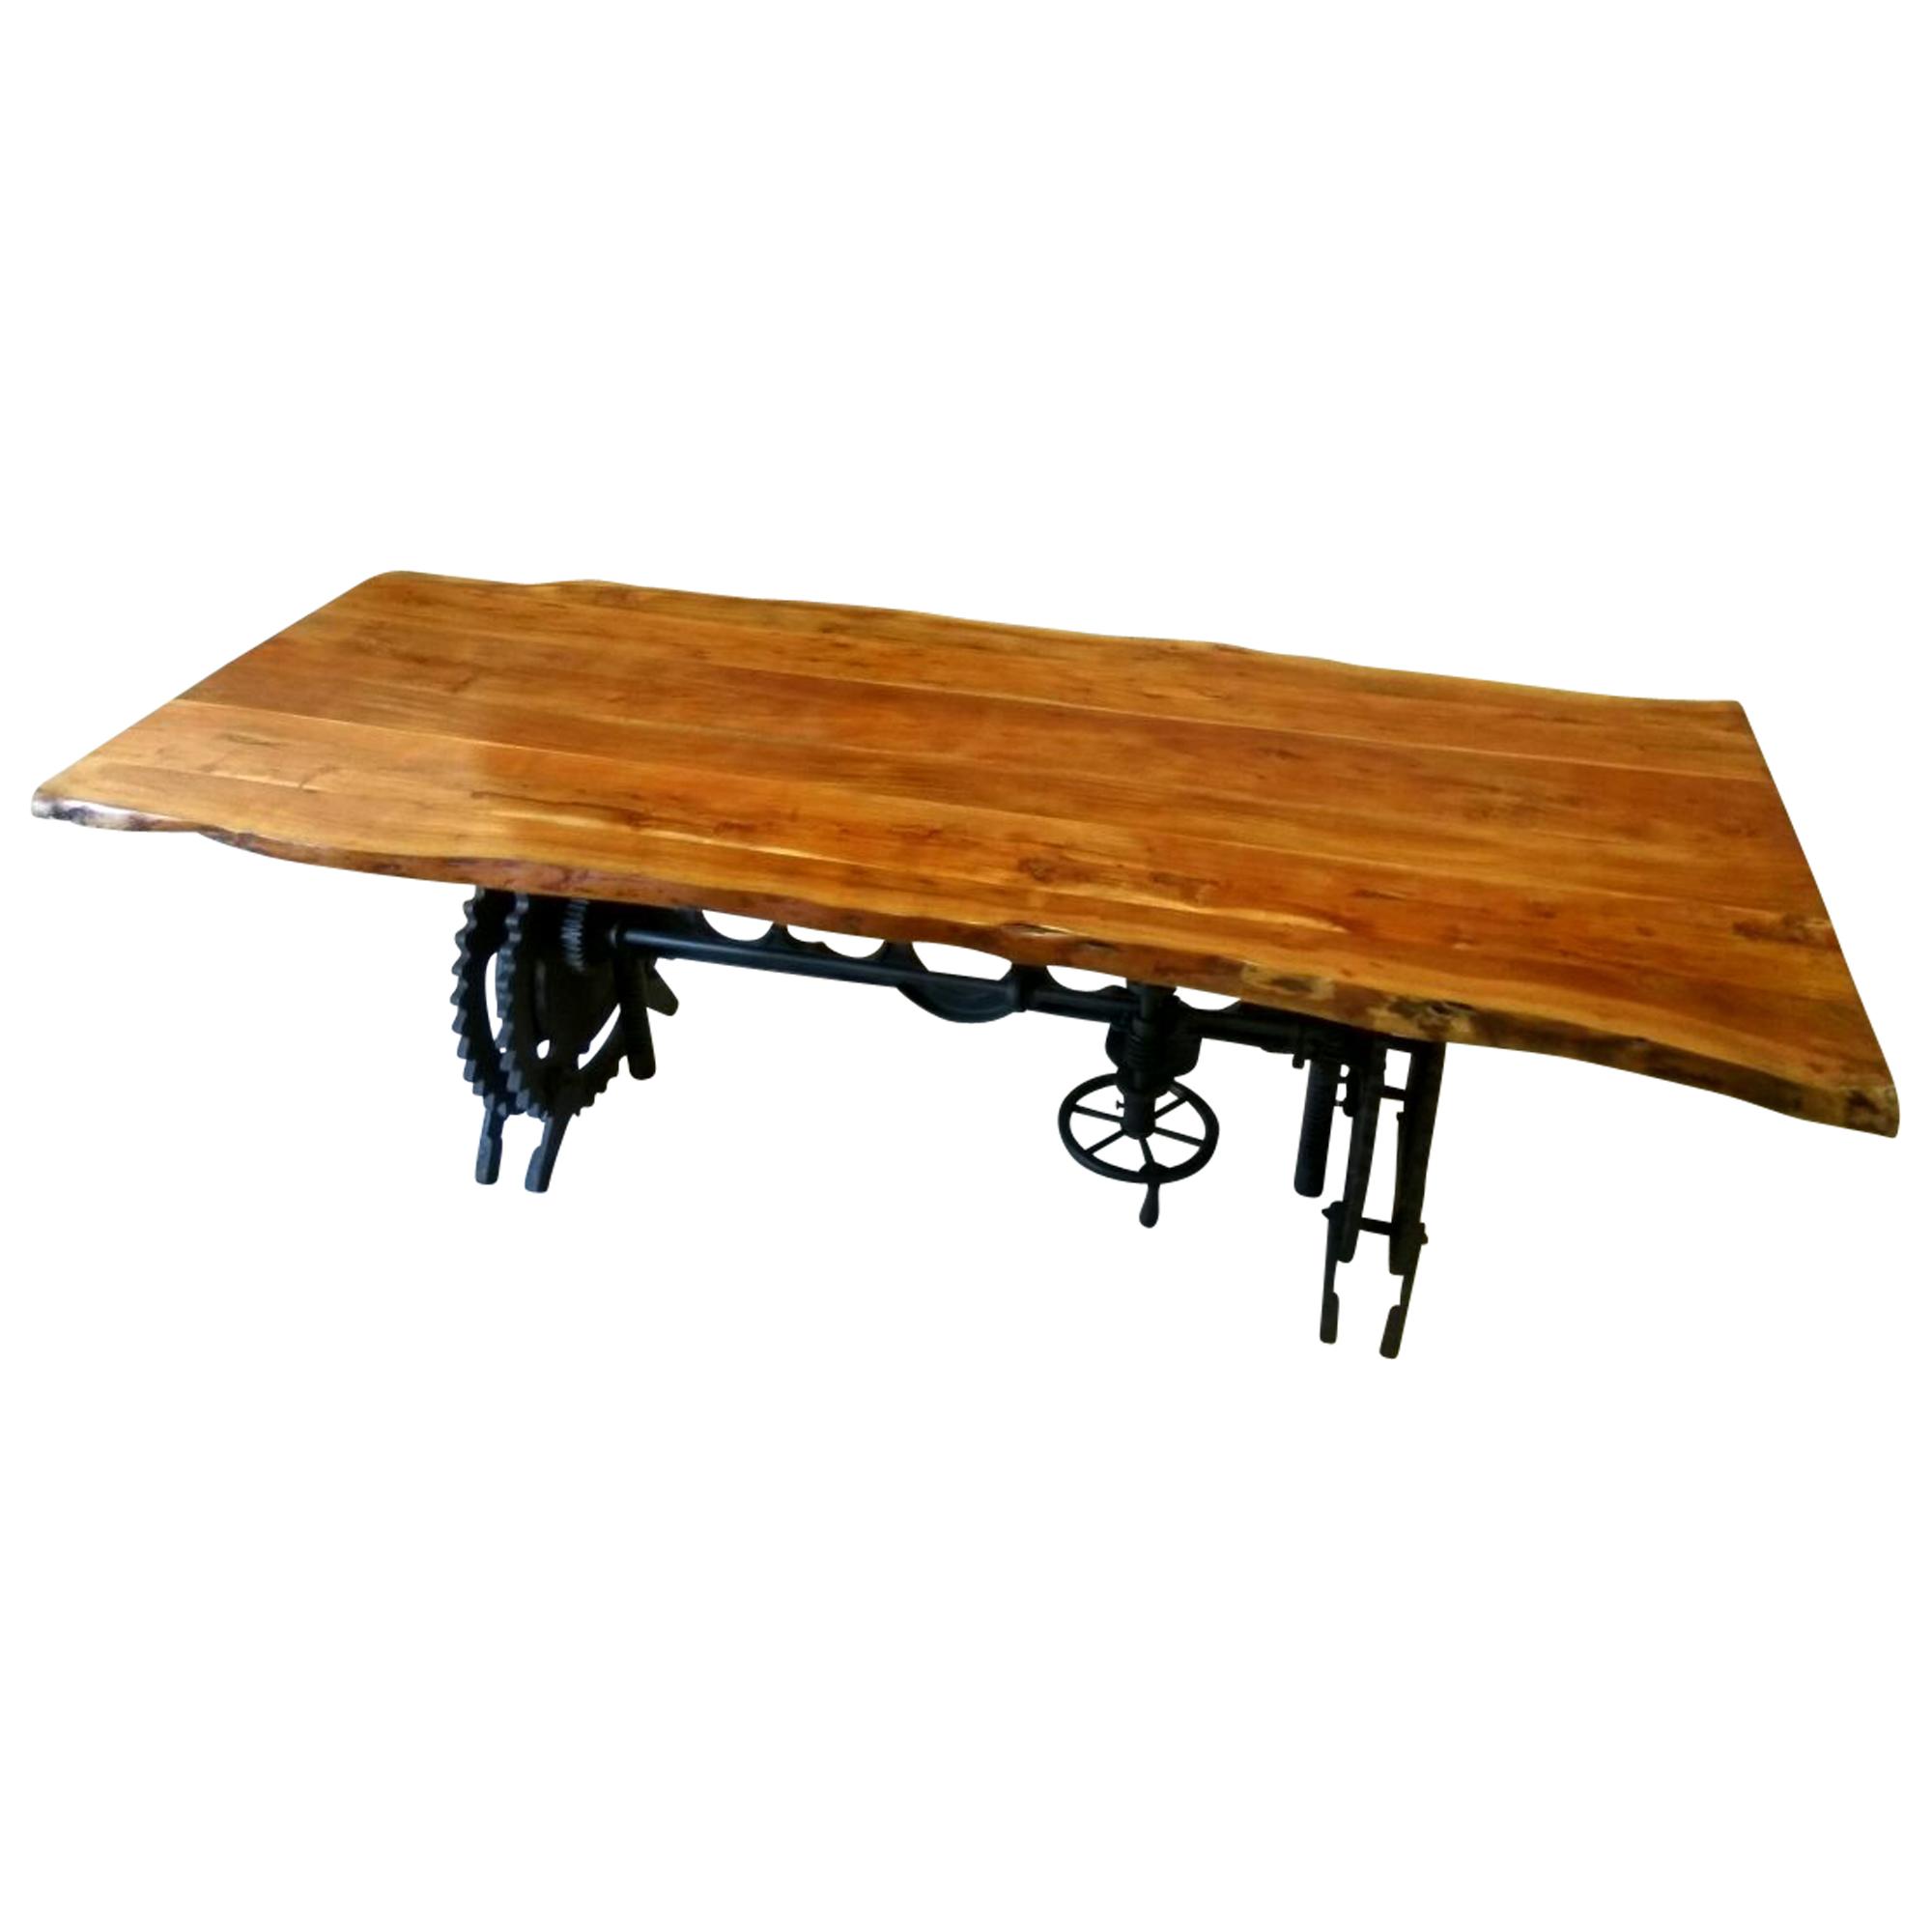 Esstisch esszimmer tisch baumstamm massiv holz industrial for Tisch esszimmer holz